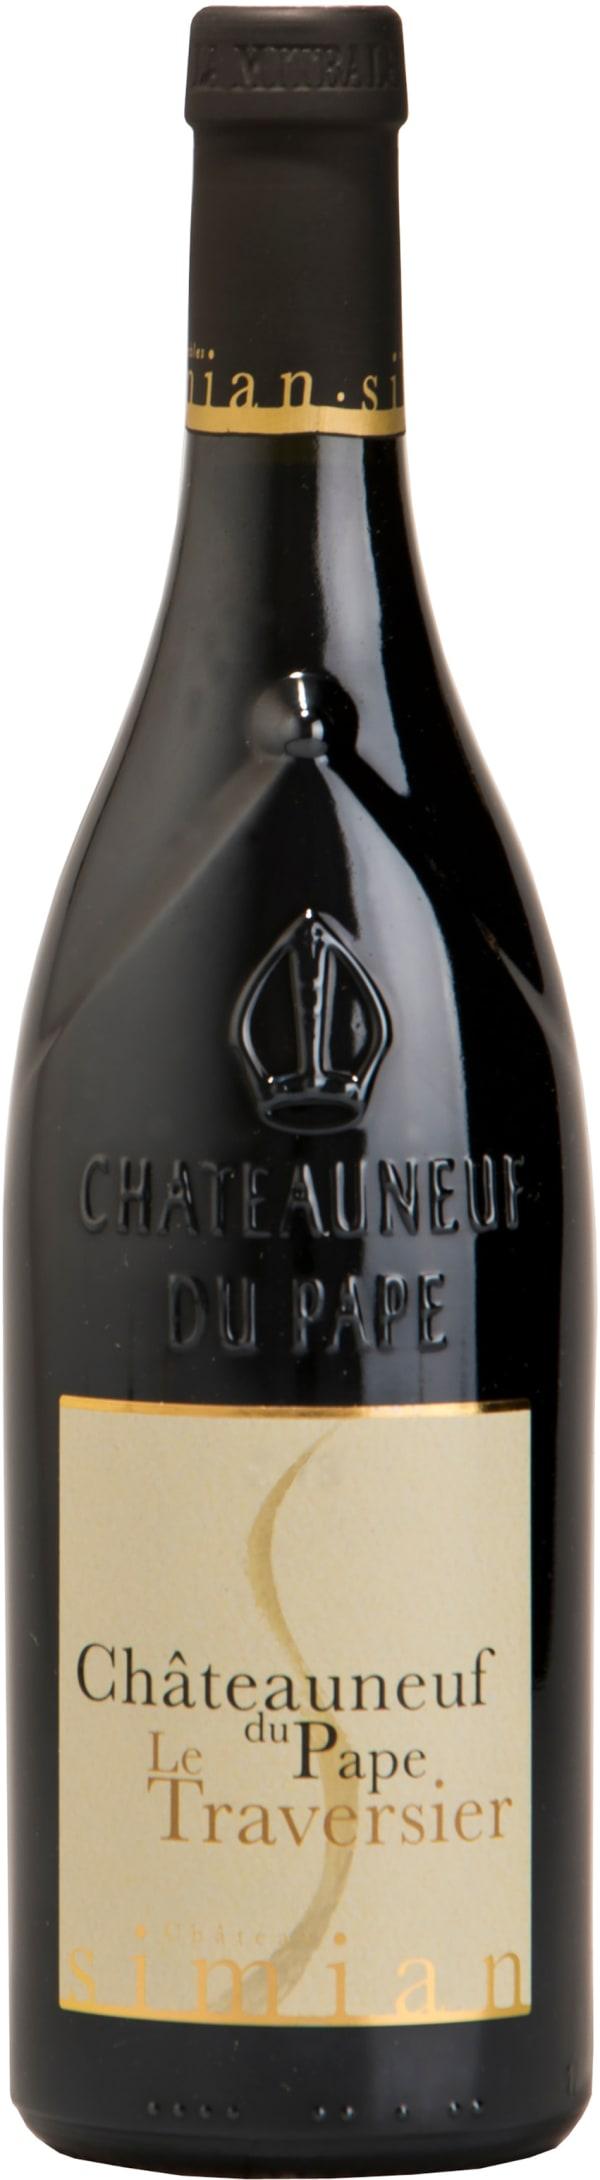 Château Simian Châteauneuf-du-Pape Le Traversier 2014